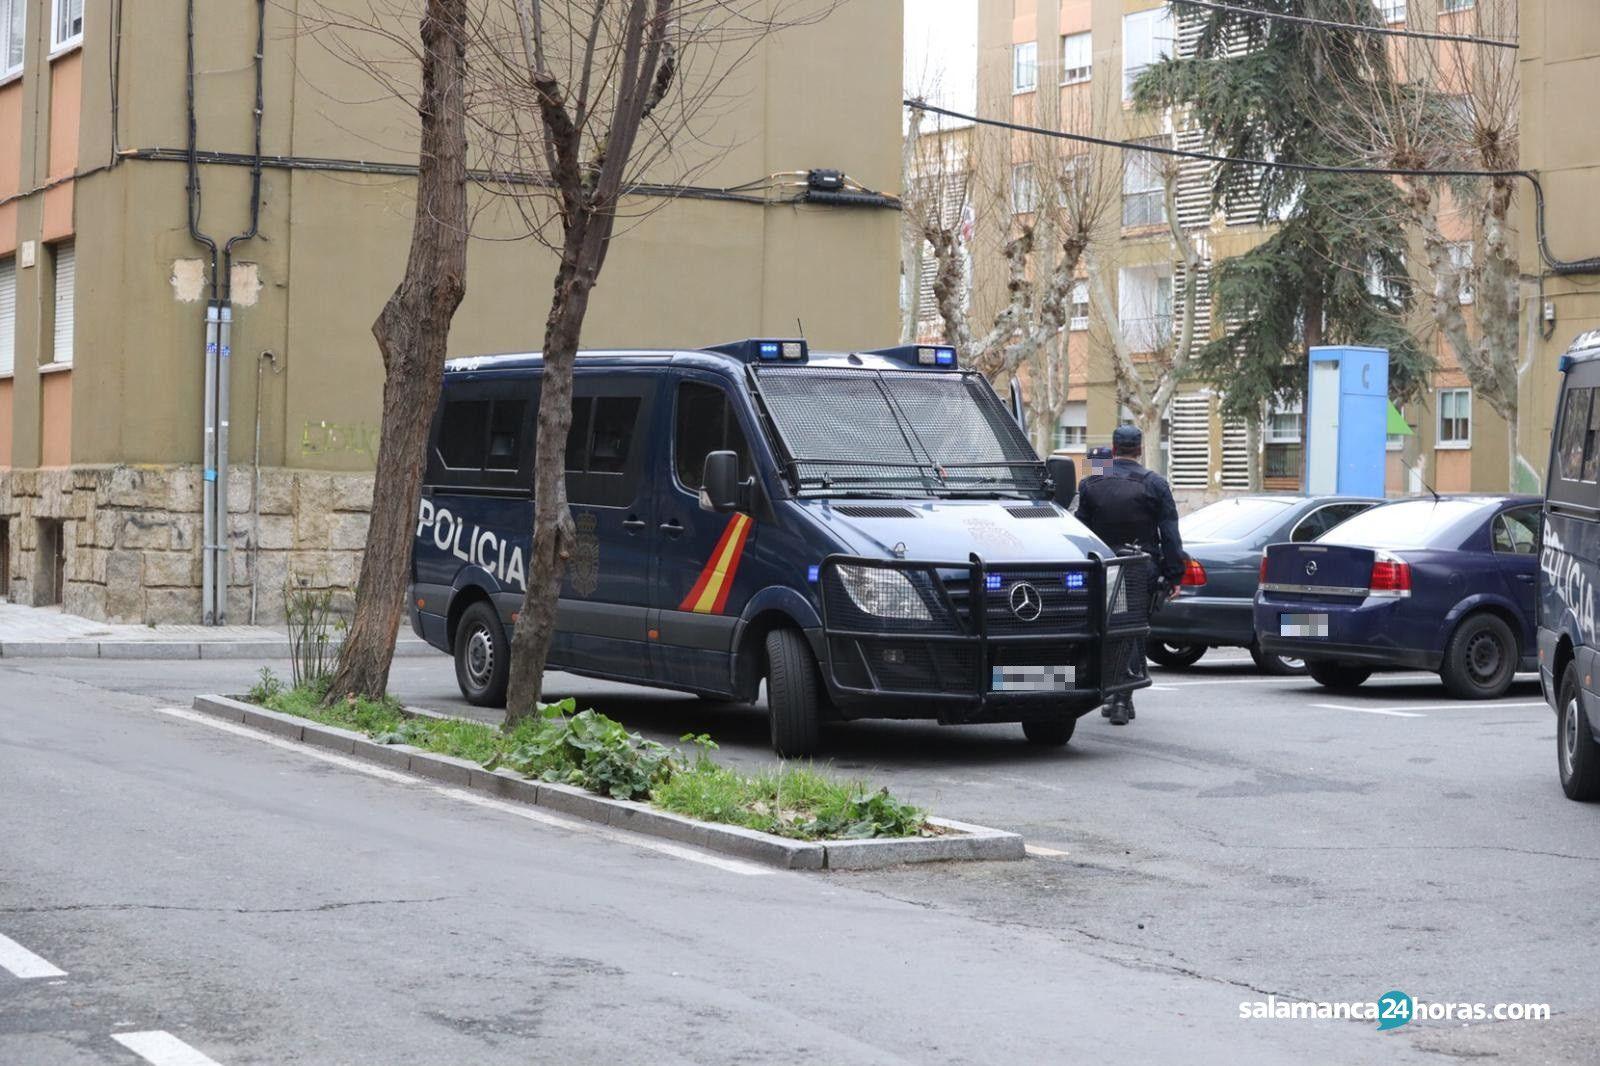 Policía San José Policía en San José registros (3)